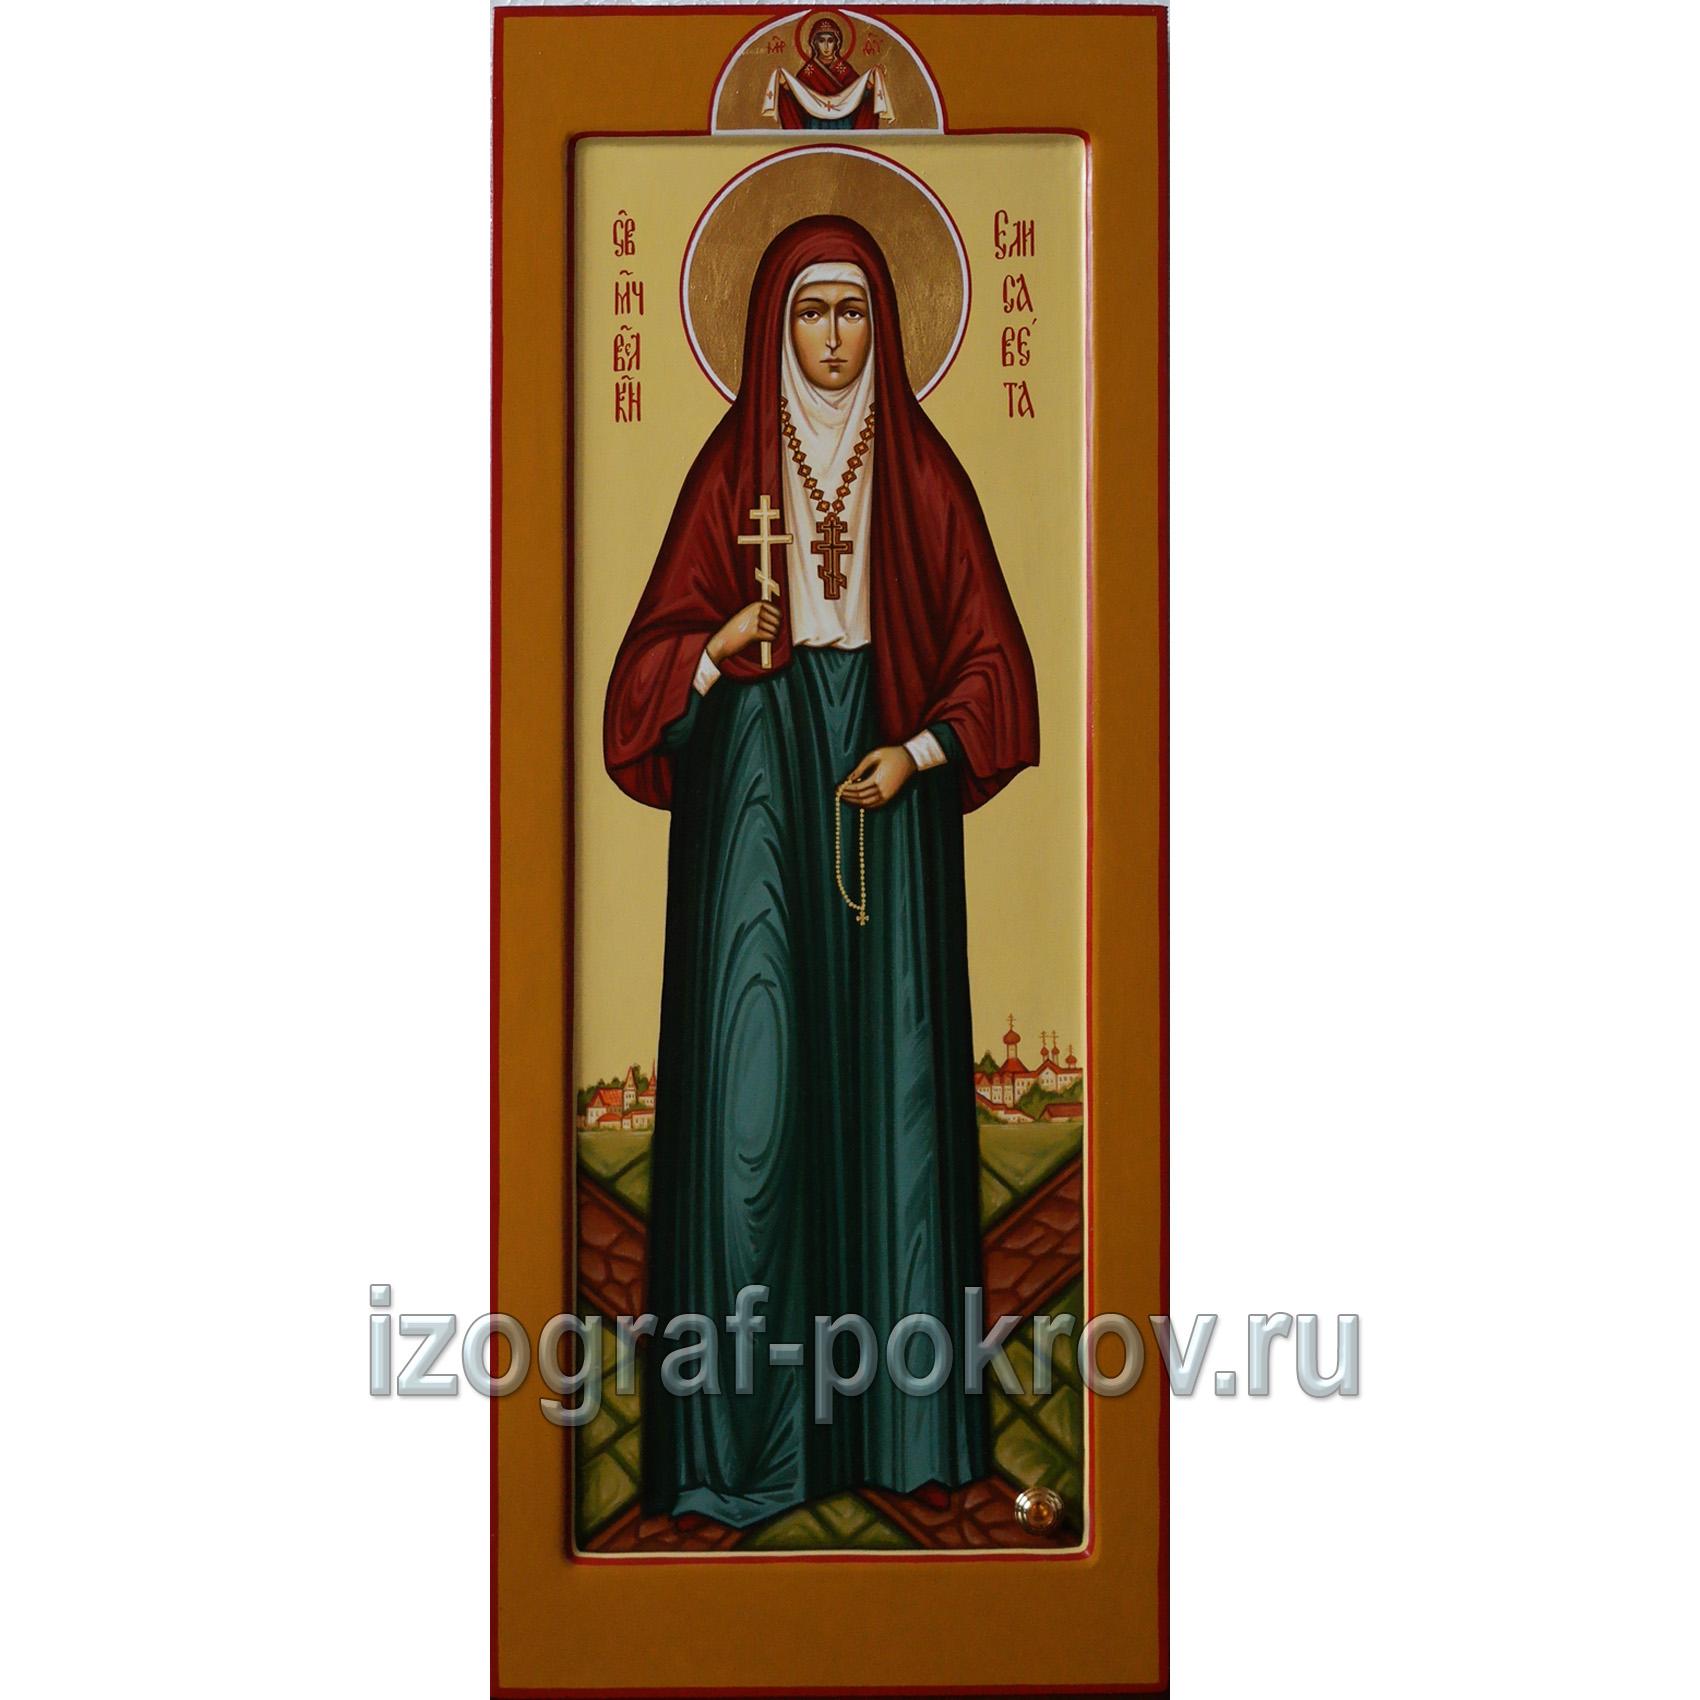 Мерная икона Елисавета Федоровна Алапаевская заказ иконы в храме